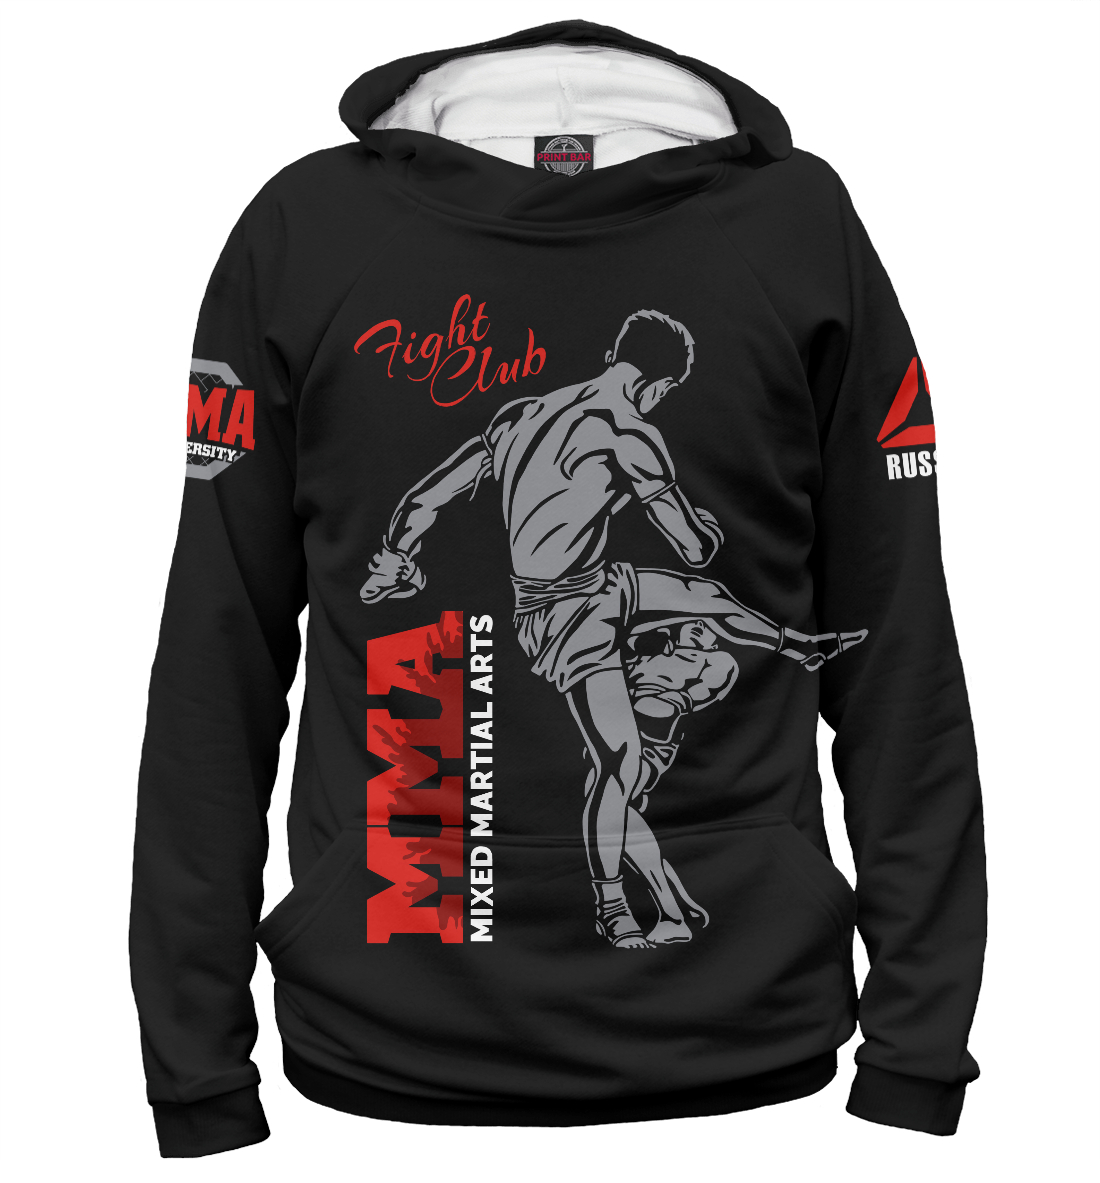 Фото - MMA (Mixed Martial Arts) mma mixed martial arts